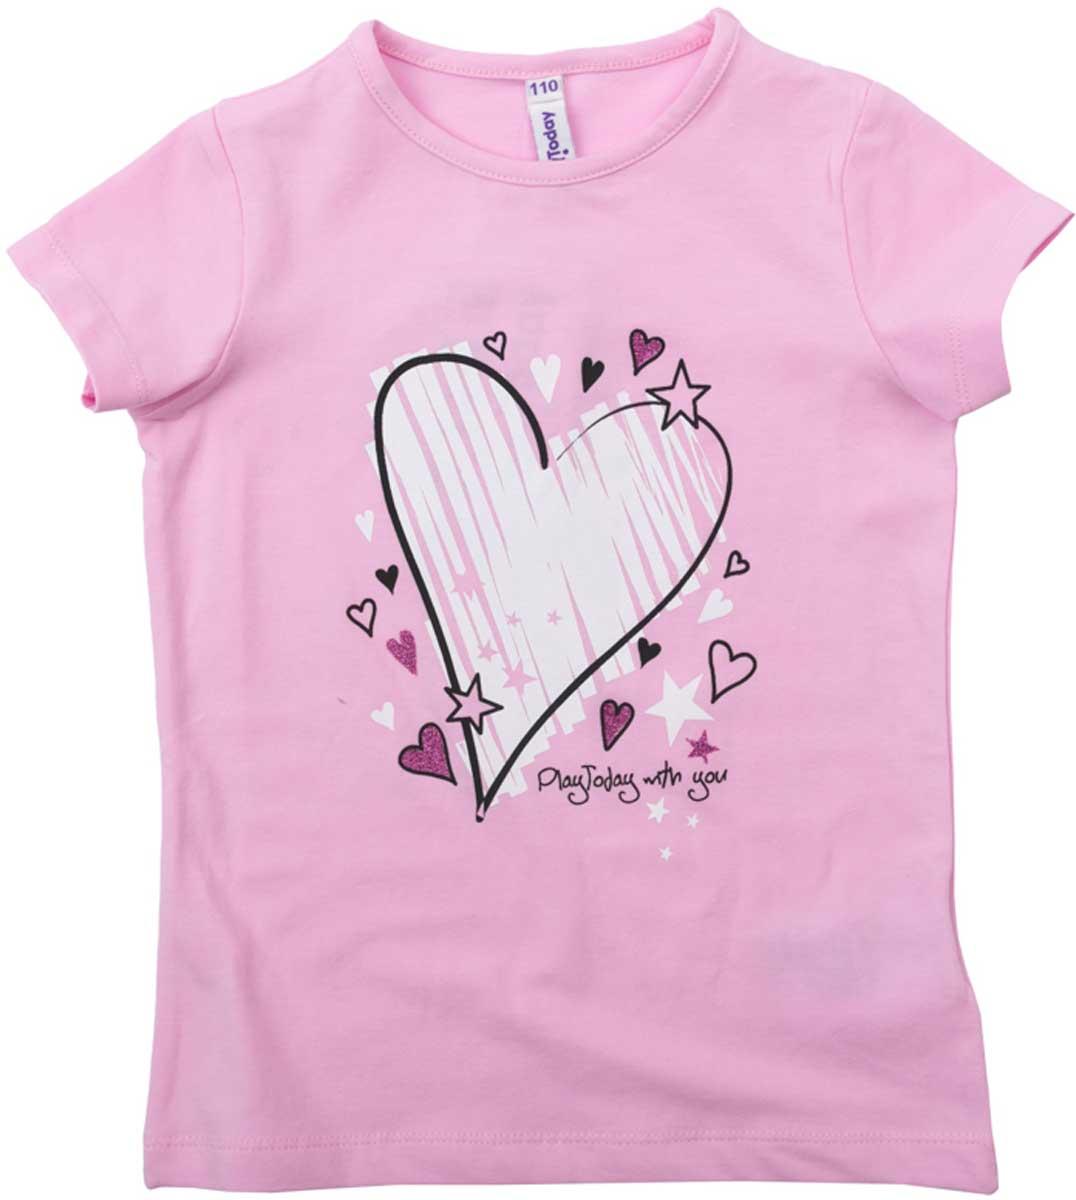 Футболка для девочки PlayToday, цвет: светло-розовый, белый. 172069. Размер 122172069Футболка для девочки PlayToday выполнена из хлопка и эластана. Модель с круглым вырезом горловины и короткими рукавами оформлена оригинальным принтом.